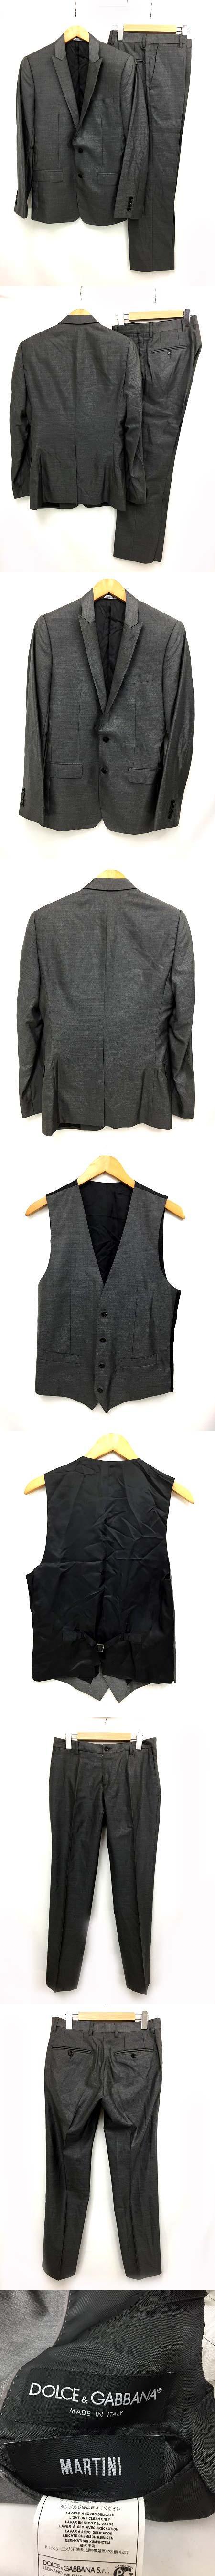 MARTINI 美品 光沢 スーツ ジャケット パンツ ベスト 3ピース イタリア製 44 グレー